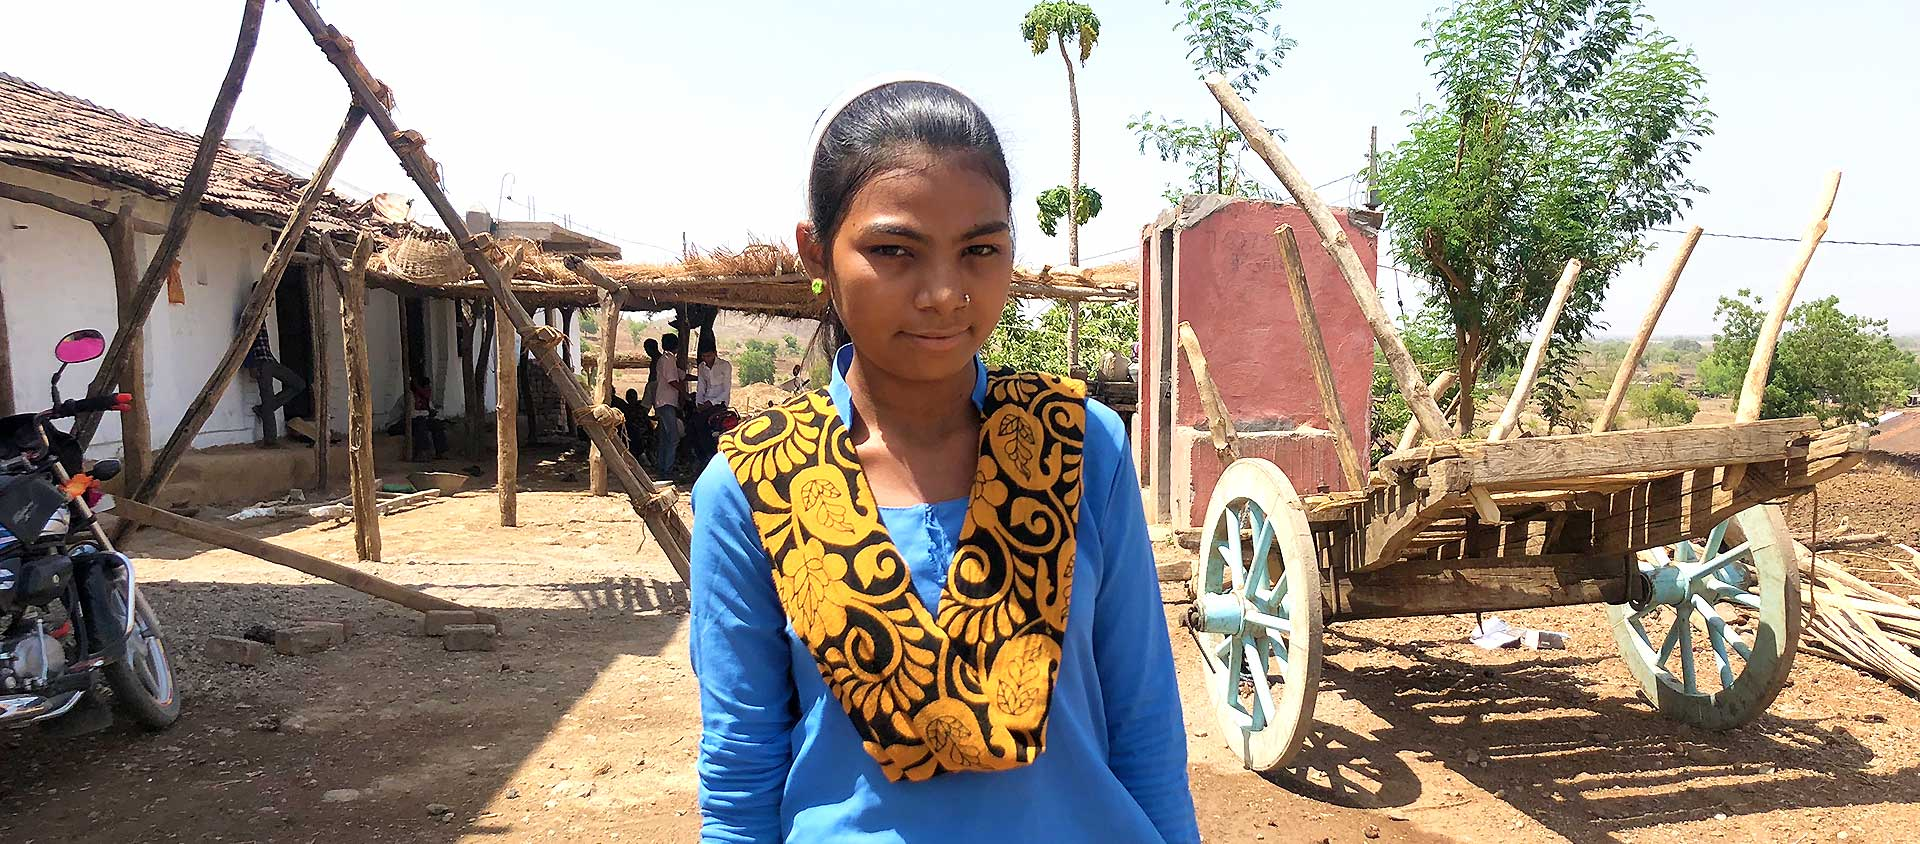 Rita är 12 år och bor i Indien. Hon sitter i byns barnparlament där barnen träffas för att lära sig att vara med och bestämma.